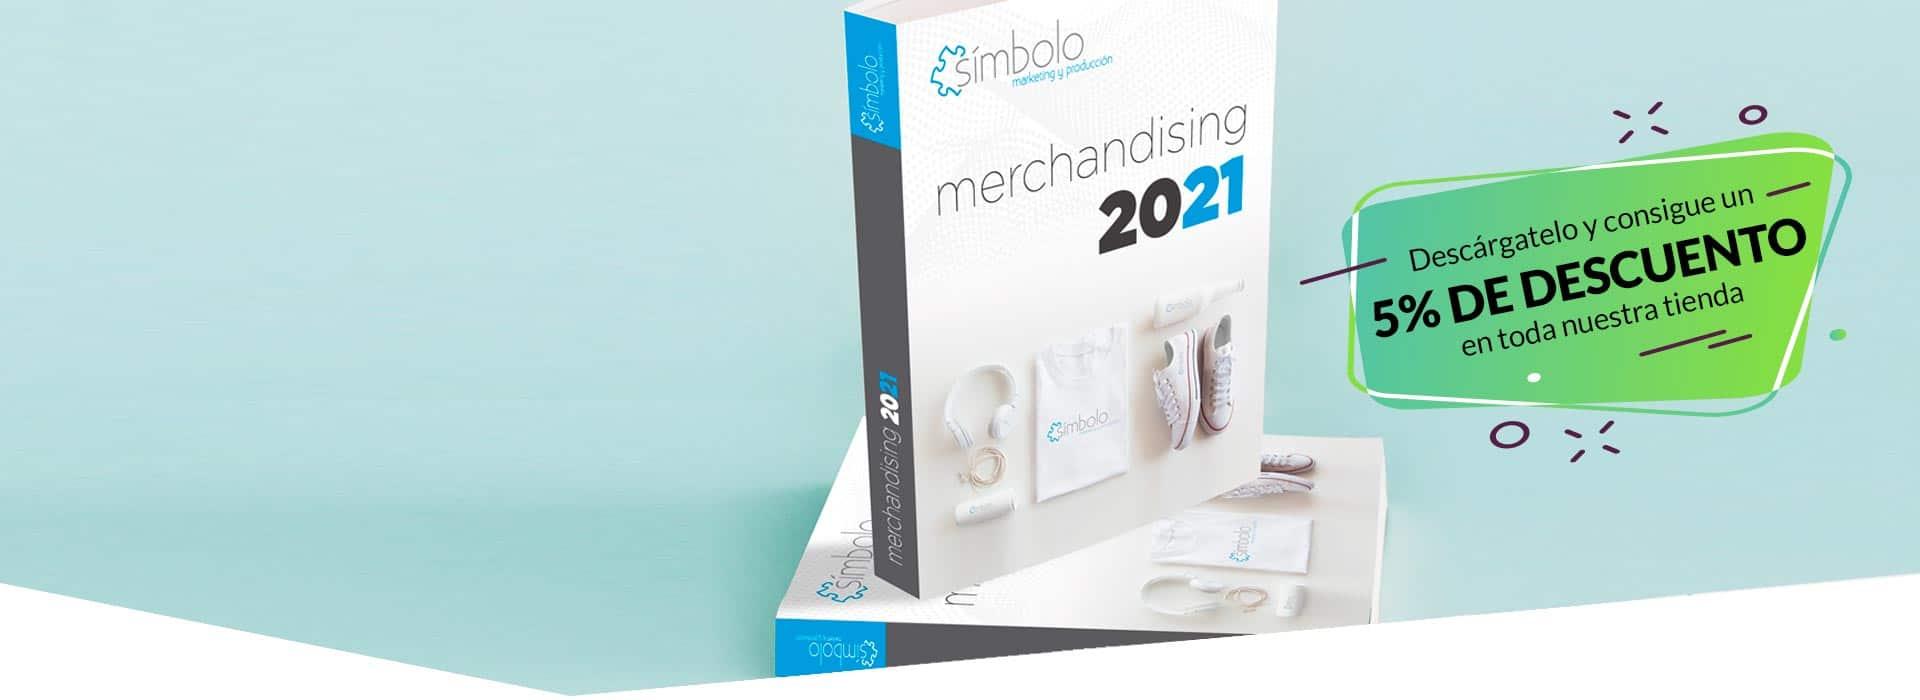 Nueco catálogo 2021